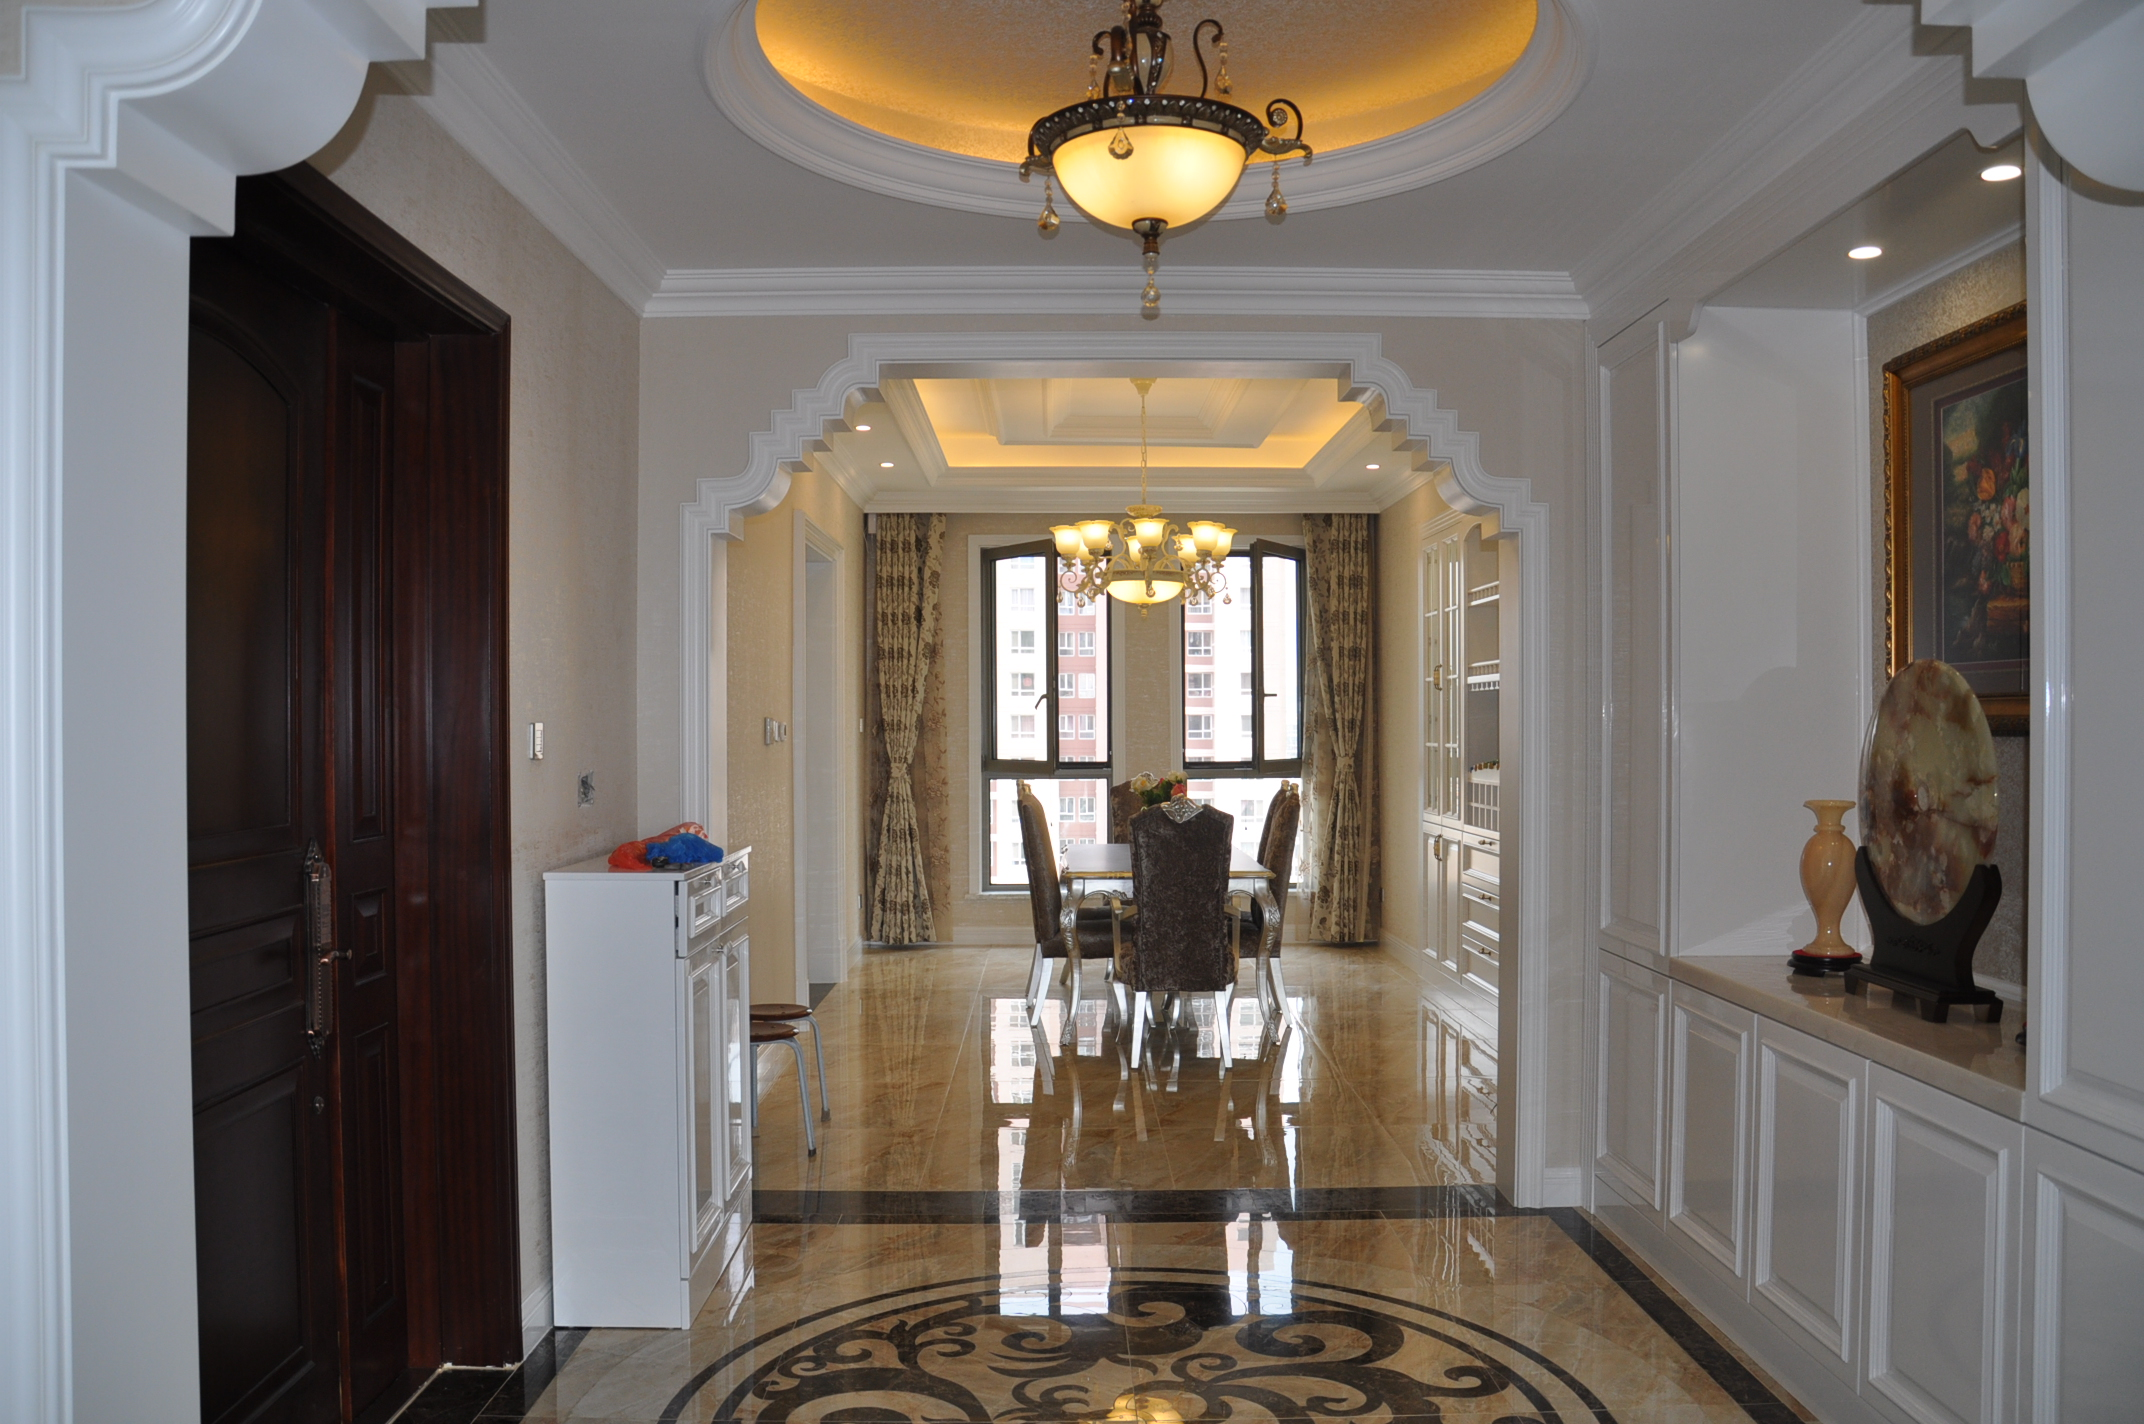 欧式 三居 餐厅图片来自Rebecca852在欧式风格-王府壹号竣工实景的分享